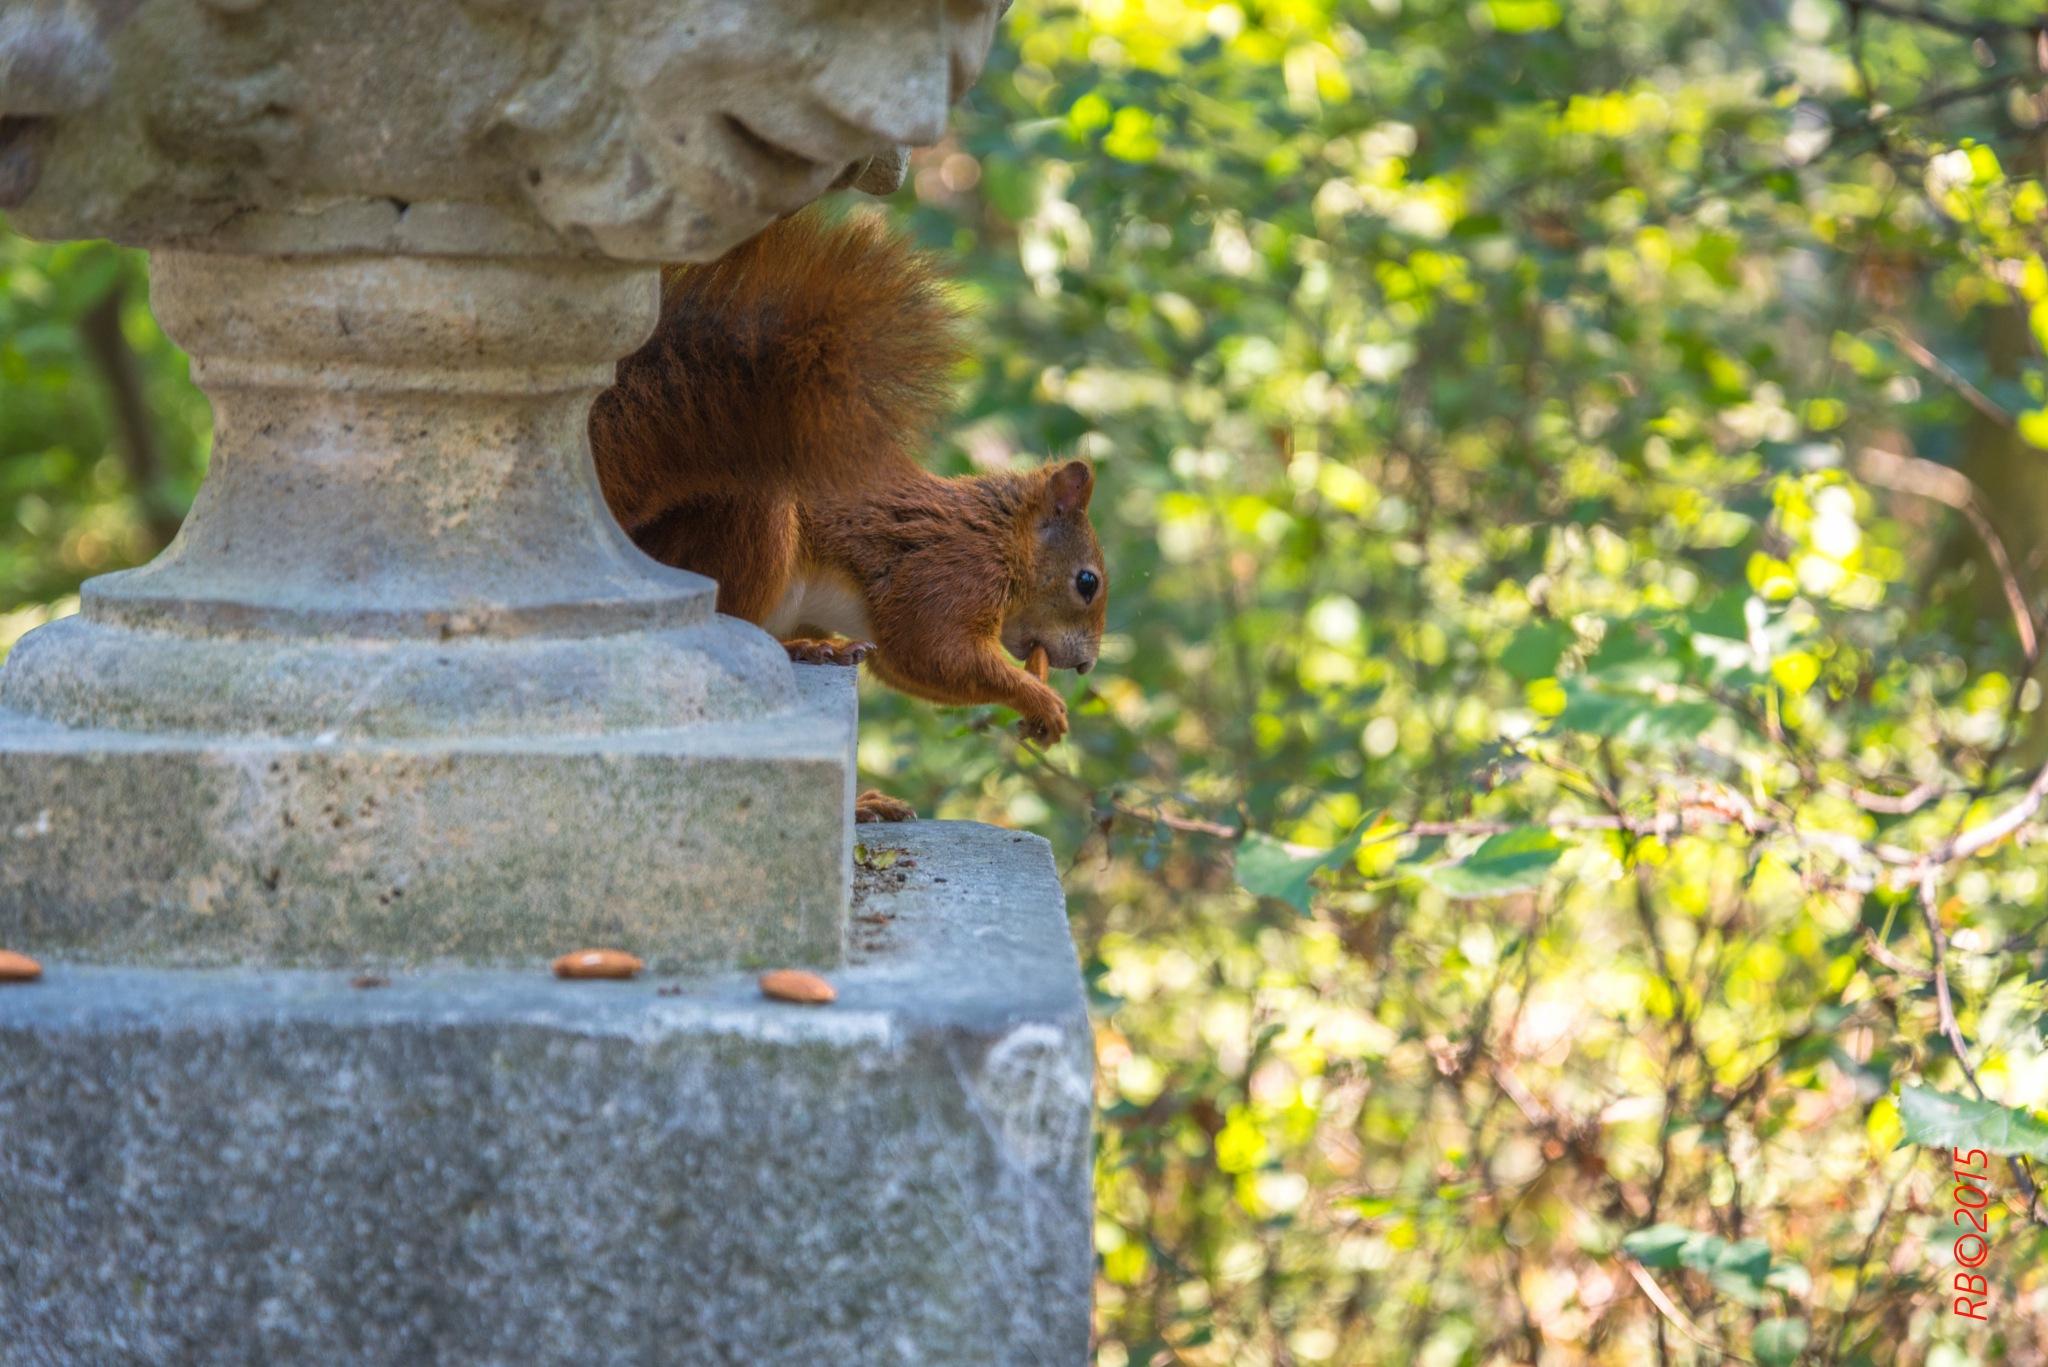 Eichhörnchen by > Robert Braun <